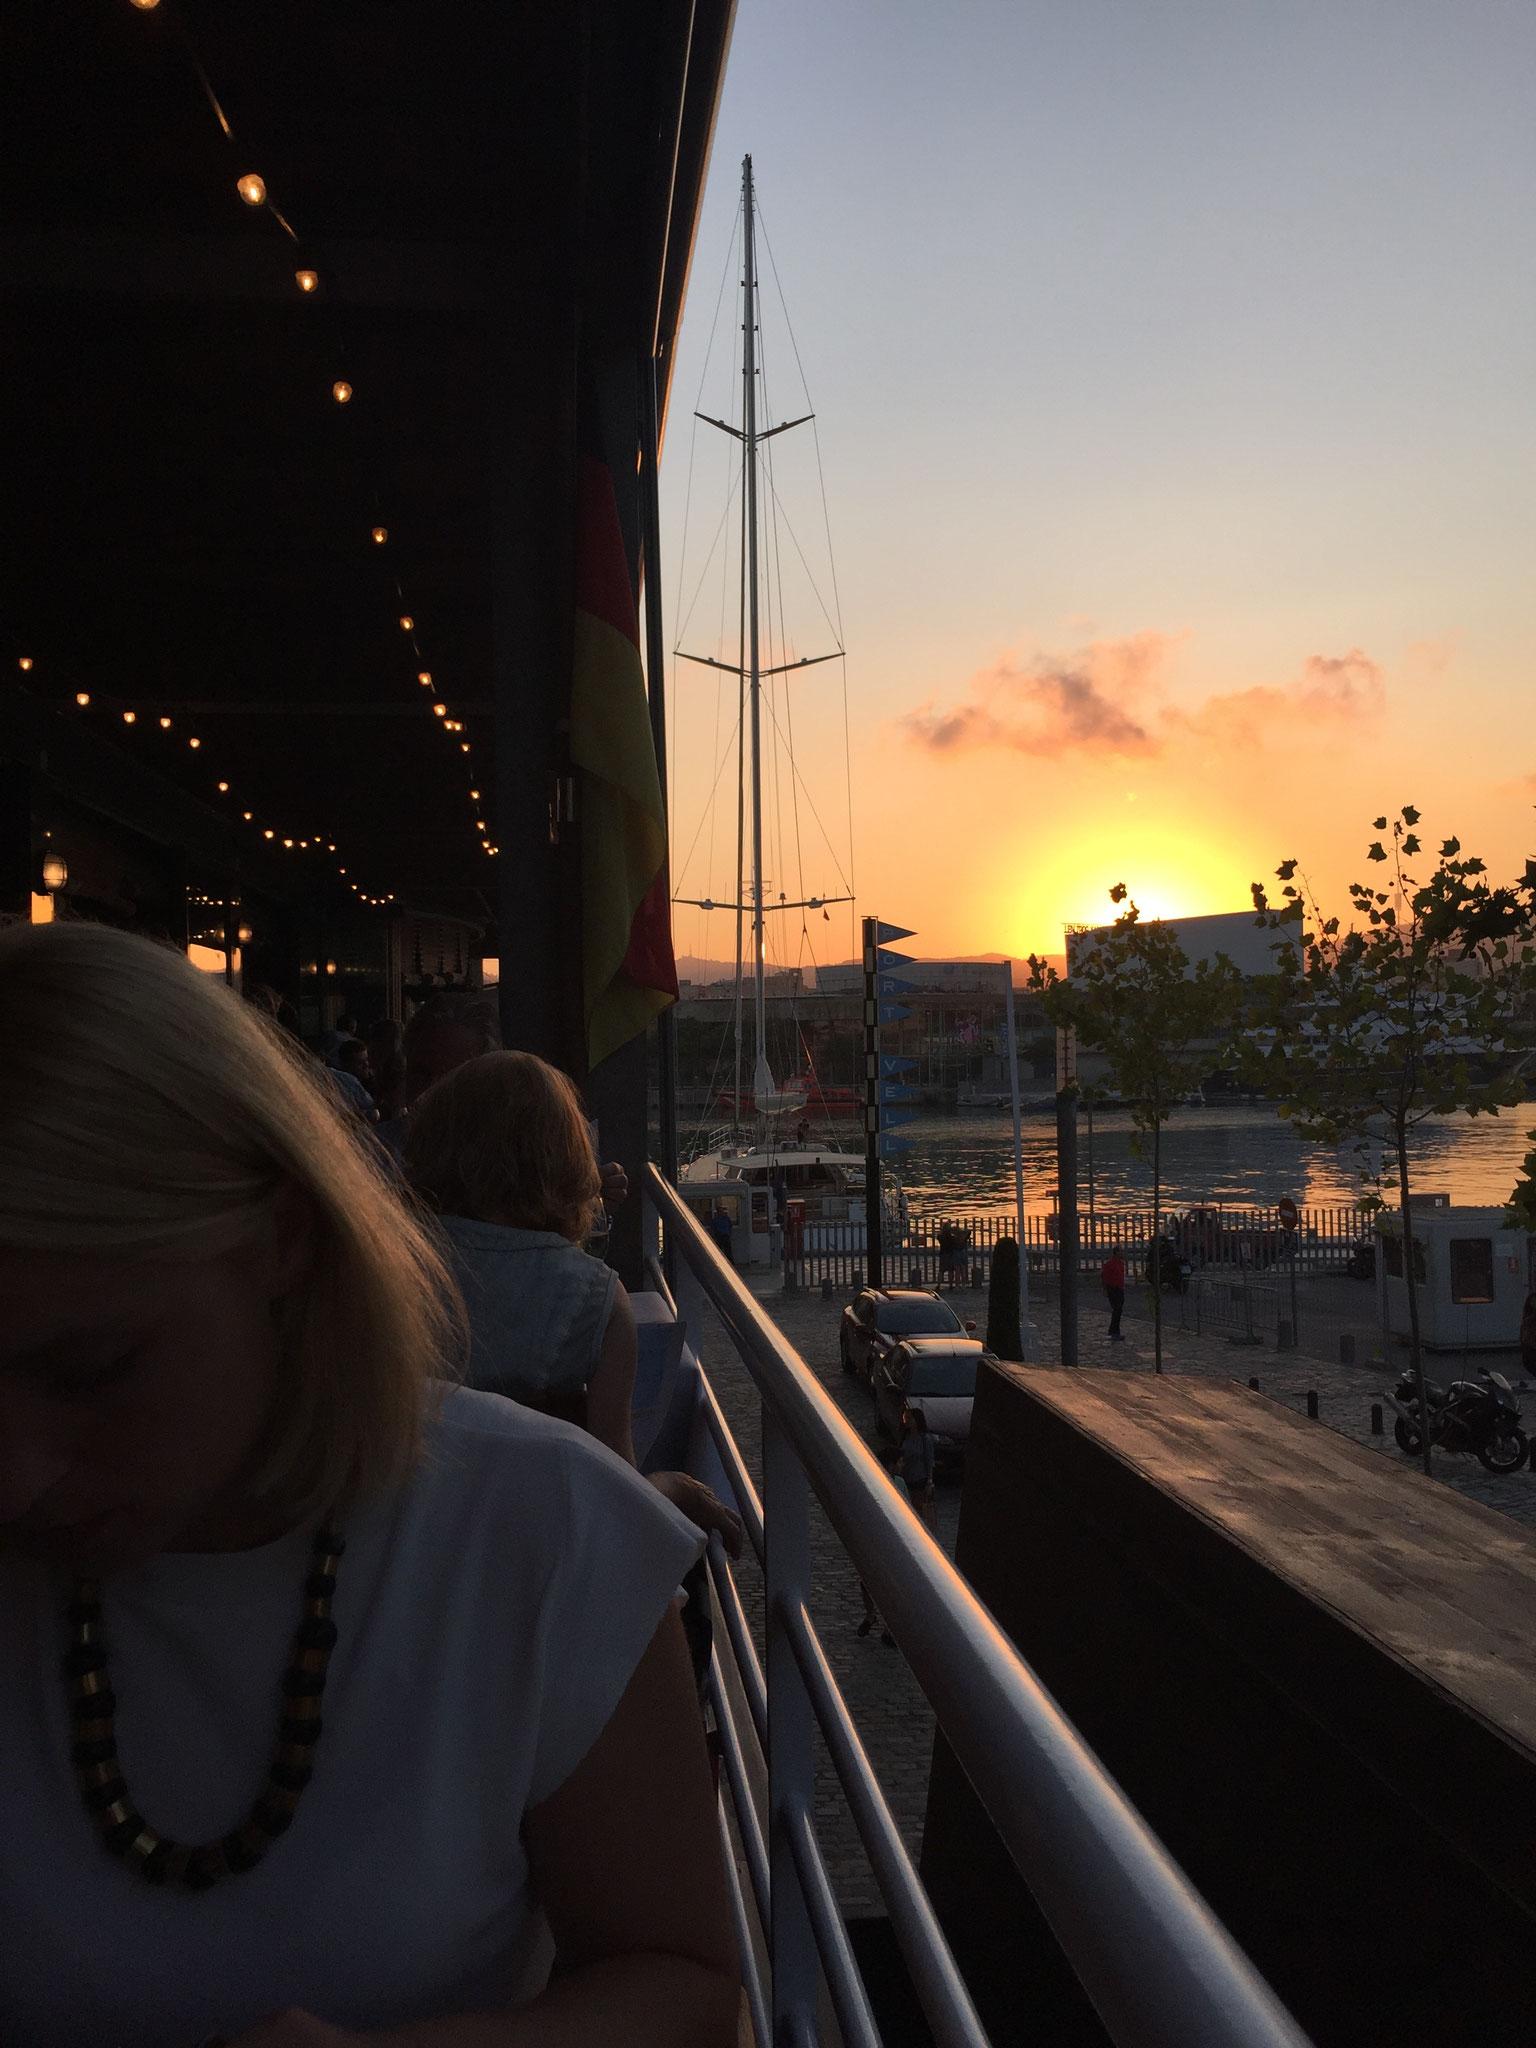 image 6 8 2 9 | Barcelona ist unsere absolute Lieblingsstadt und wir versuchen mindestensalle 2 Jahre dorthin zu reisen. Nicht nur, dass die spanische Großstadt unglaublich vielseitig ist, auch kulinarisch weiß sie voll und ganz zu überzeugen. Denn auch hier zeigt sich die Wandelbarkeit der Stadt, die sowohl einen wunderschönen Strand aber auch ein urbanes, pulsierendes Stadtleben zu bieten hat. Daher wurde es höchste Zeit, dass wir euch unsere Lieblingsrestaurants in Barcelona vorstellen, denn hier gibt es definitiv nicht nur Tapas (auch wenn Tapas grandios sind).